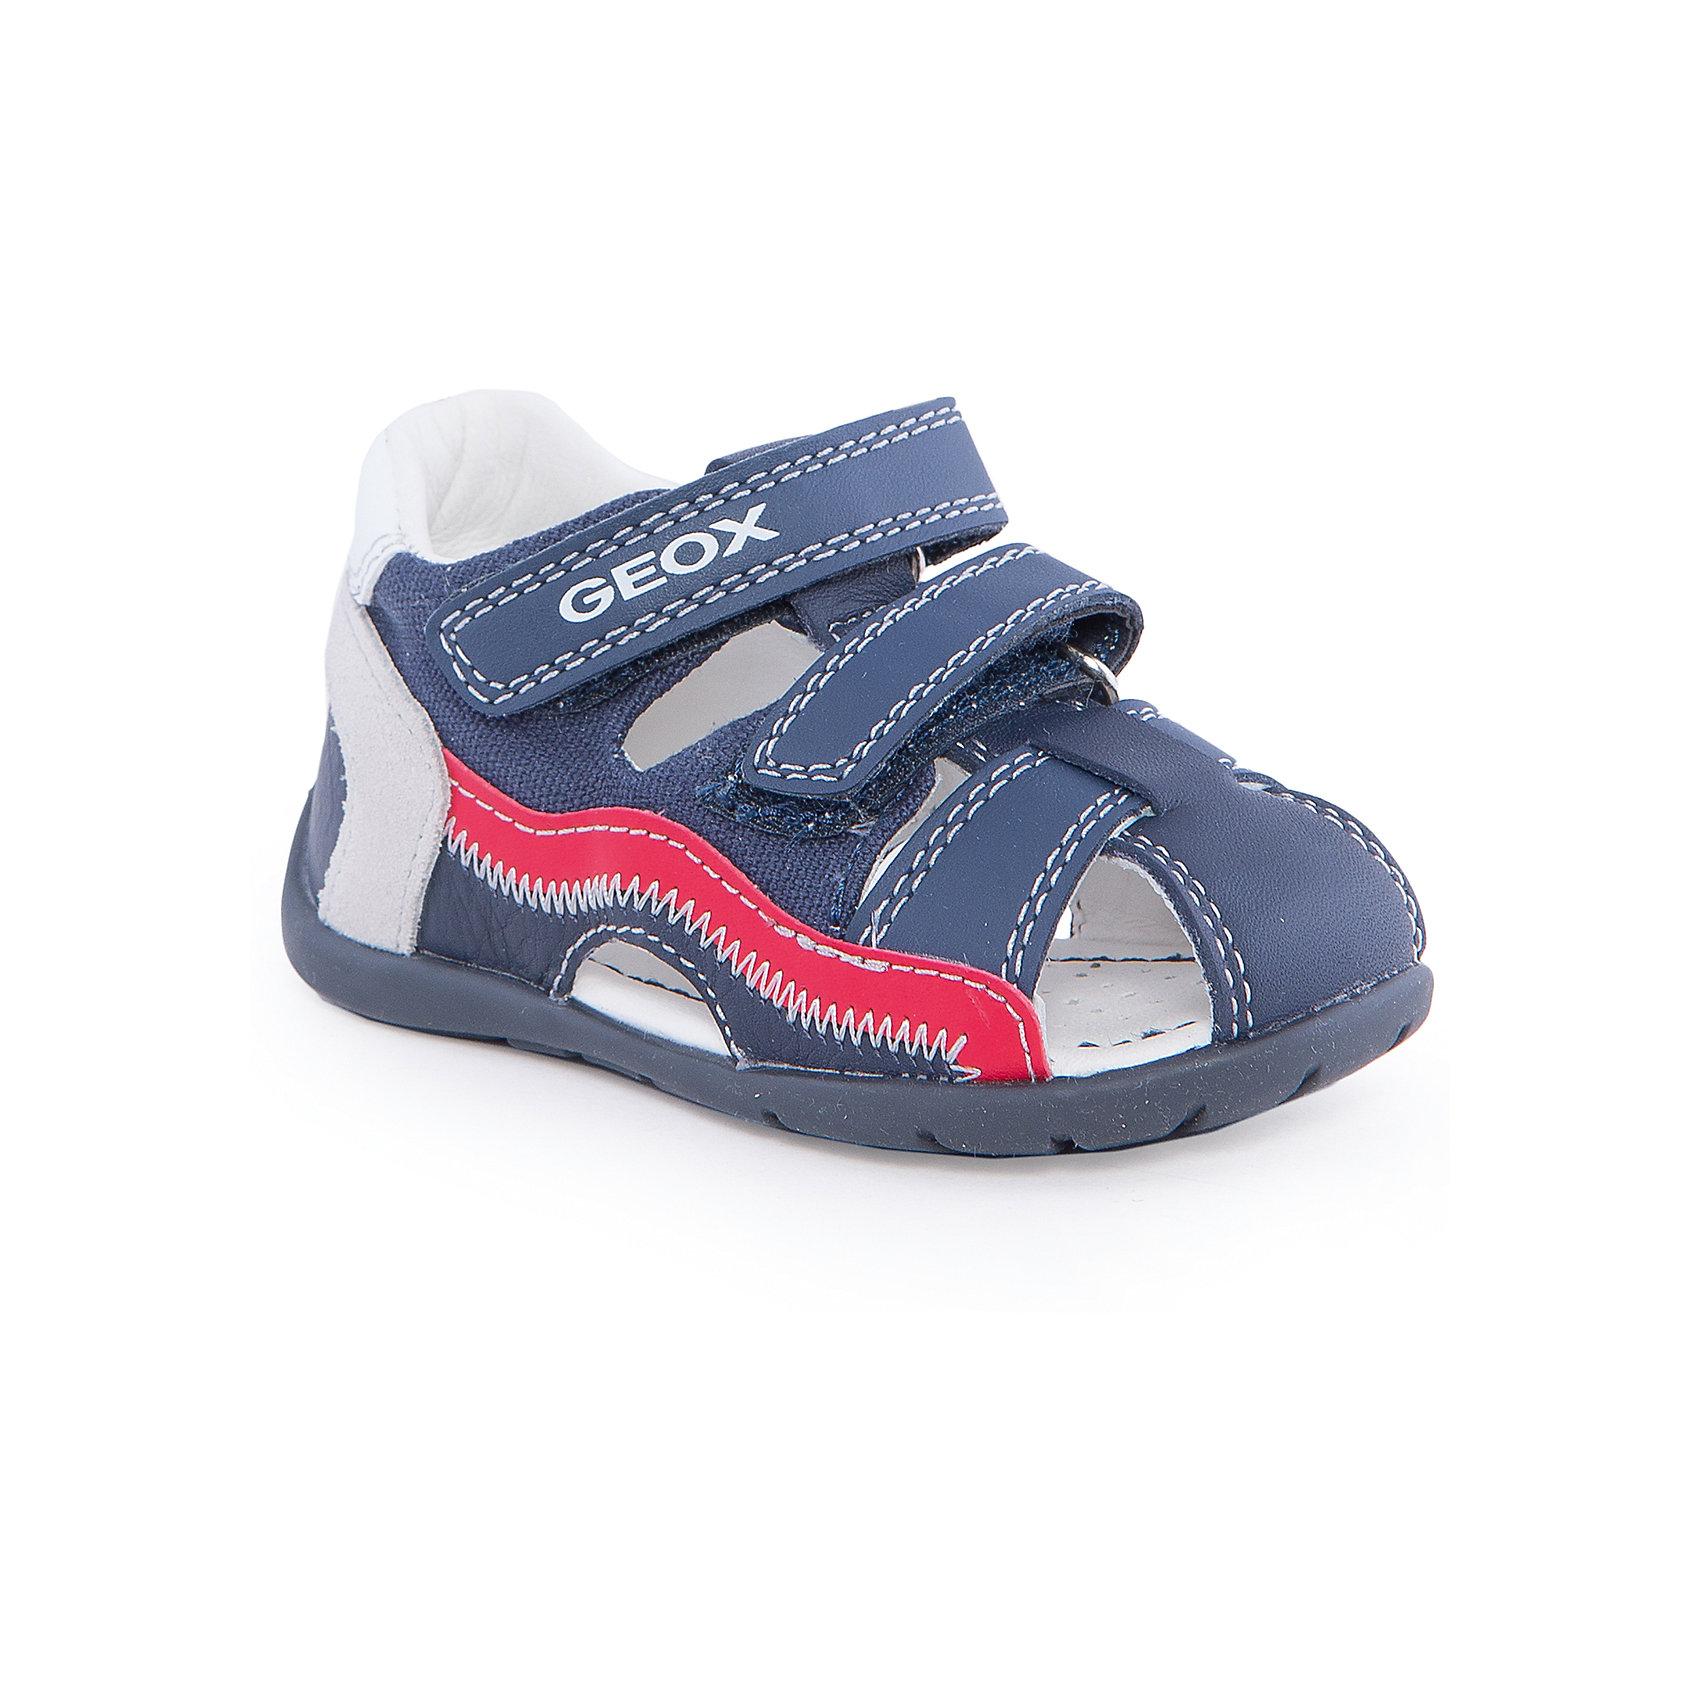 Сандалии для мальчика GEOXОбувь для мальчиков<br>Сандалии для мальчика от популярной марки GEOX (Геокс).<br><br>Модные сандалии - отличная обувь для нового летнего сезона. Эта модель создана специально для мальчиков, она очень стильно и оригинально смотрится.<br>Производитель обуви заботится не только о внешнем виде, но и стабильно высоком качестве продукции. GEOX (Геокс) разработал специальную высокотехнологичную стельку. Вся обувь делается только из качественных и надежных материалов.<br><br>Отличительные особенности модели:<br><br>- цвет: синий;<br>- декорирована контрастной прошивкой и разноцветными элементами;<br>- гибкая прочная подошва;<br>- мягкий и легкий верх;<br>- защита пятки;<br>- стильный дизайн;<br>- анатомическая дышащая стелька;<br>- удобные застежки - липучки;<br>- комфортное облегание.<br><br>Дополнительная информация:<br><br>- Сезон: весна/лето.<br><br>- Состав:<br><br>материал верха: натуральная кожа;<br>стелька: натуральная кожа;<br>подошва: полимер.<br><br>Сандалии для мальчика GEOX (Геокс) можно купить в нашем магазине.<br><br>Ширина мм: 262<br>Глубина мм: 176<br>Высота мм: 97<br>Вес г: 427<br>Цвет: синий<br>Возраст от месяцев: 12<br>Возраст до месяцев: 15<br>Пол: Мужской<br>Возраст: Детский<br>Размер: 21,25,24,23,22<br>SKU: 4519230